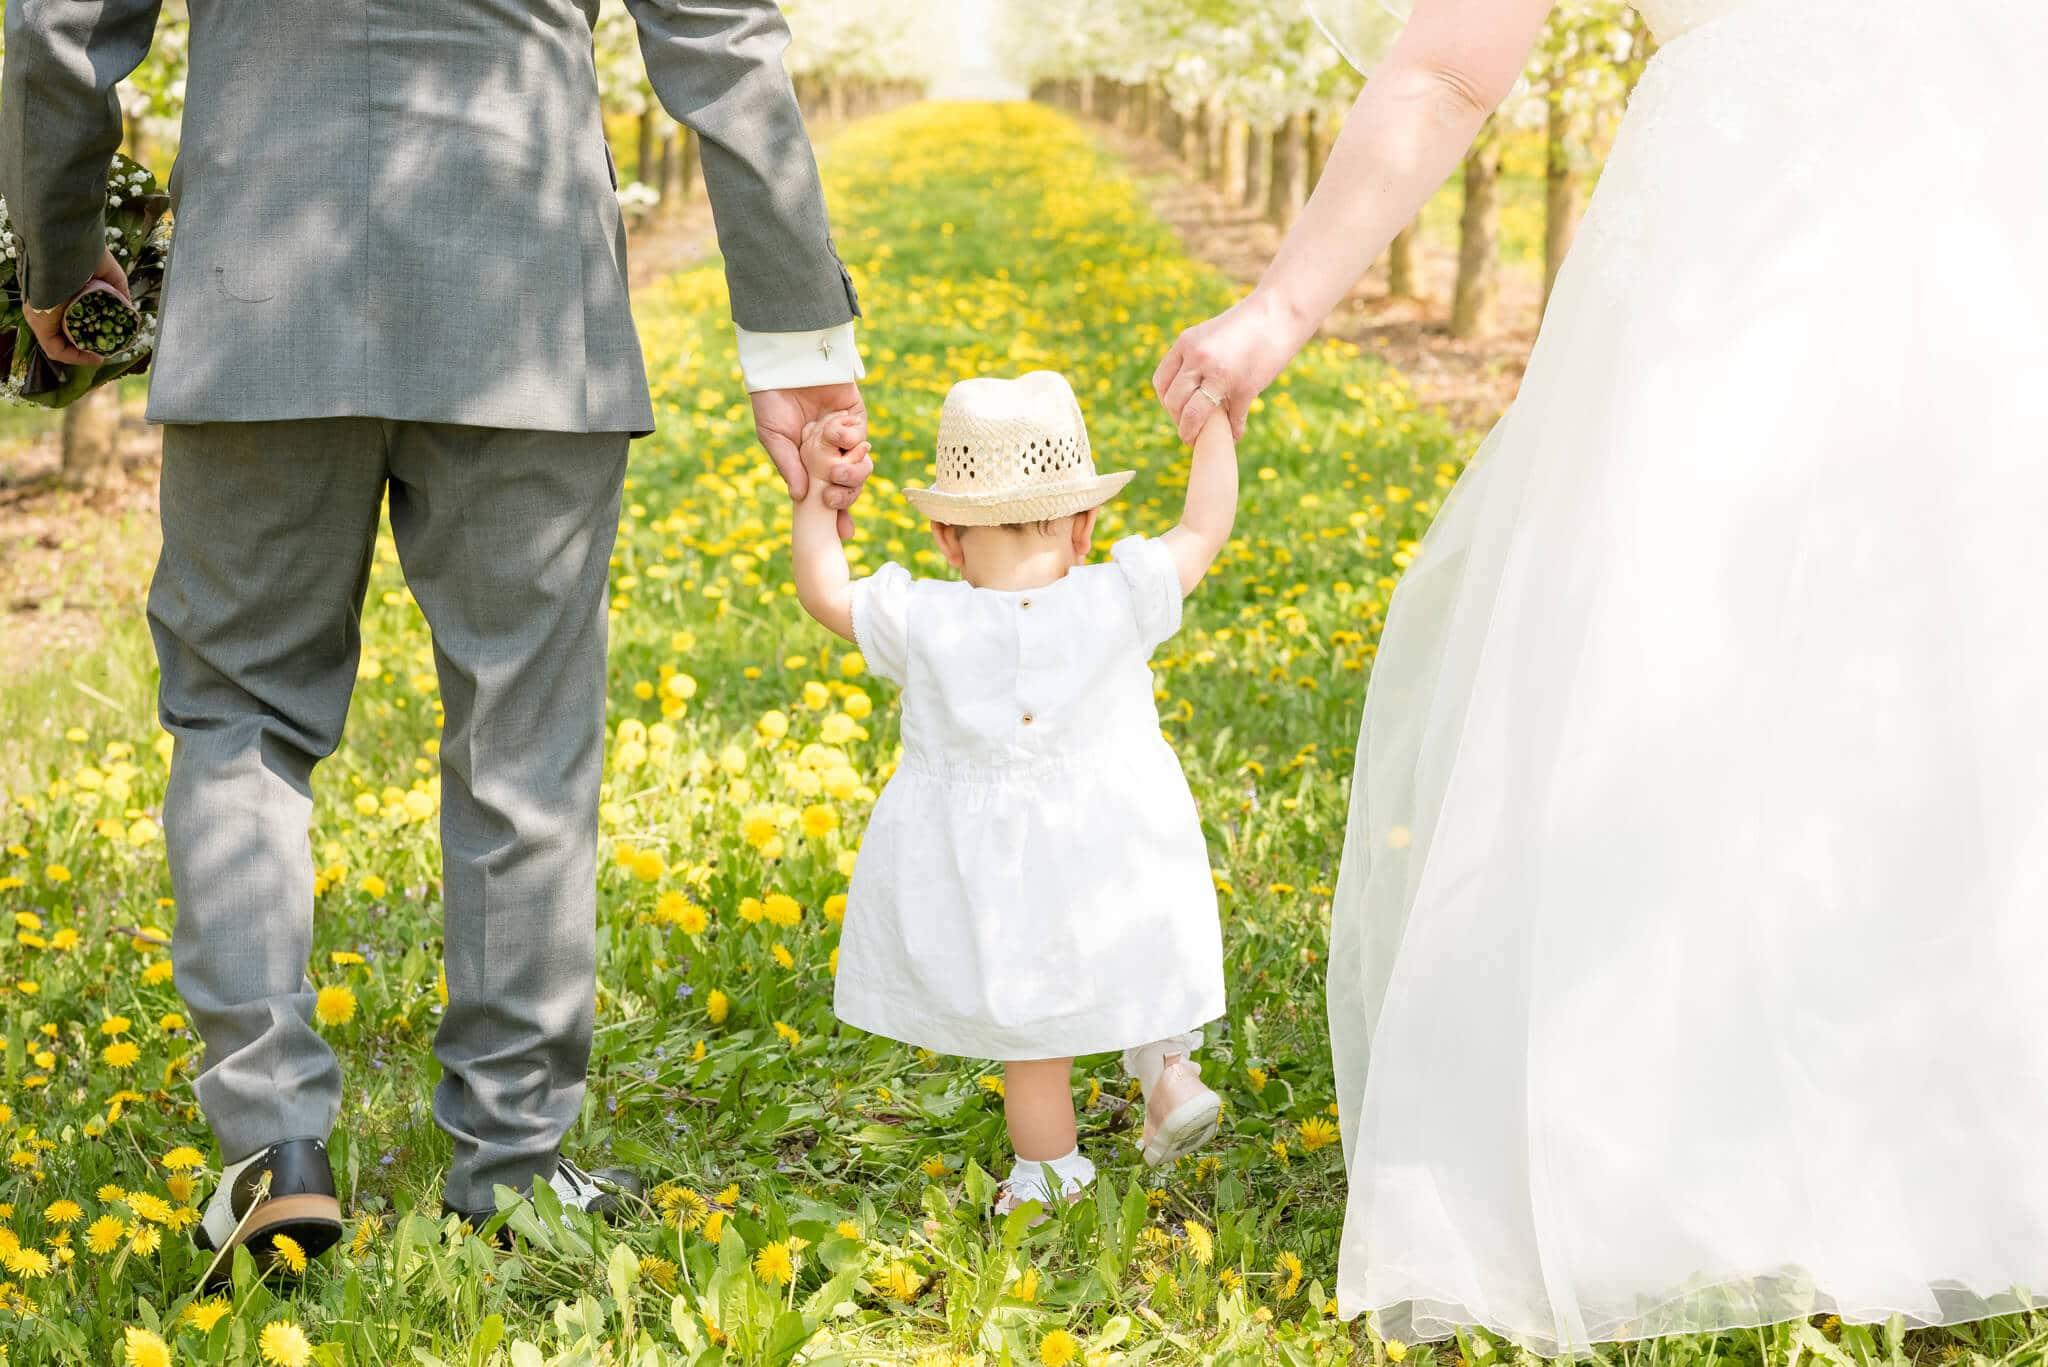 Hochzeitsshooting zwischen Apfelbäumen, Nierstein. Foto: Stephan Benz